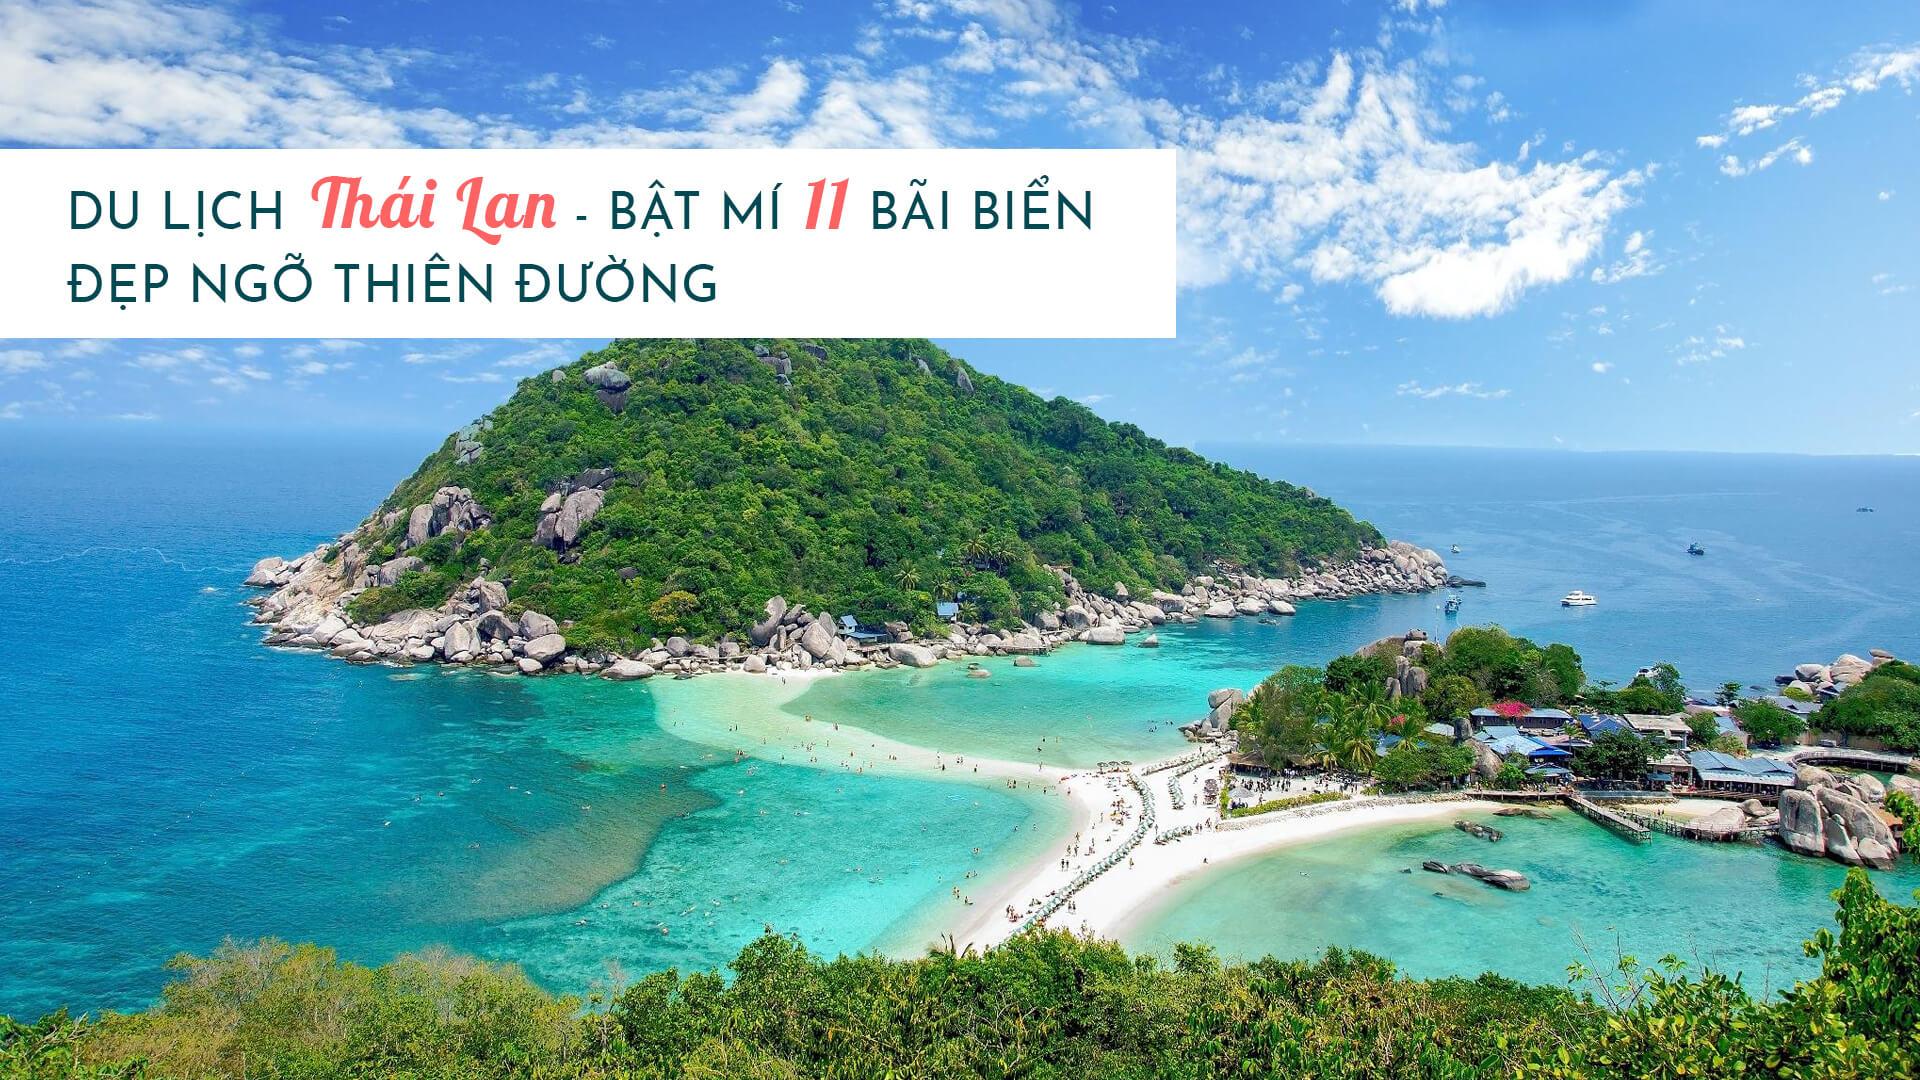 Du lịch Thái Lan ở đâu? Bật mí 11 bãi biển đẹp ngỡ thiên đường